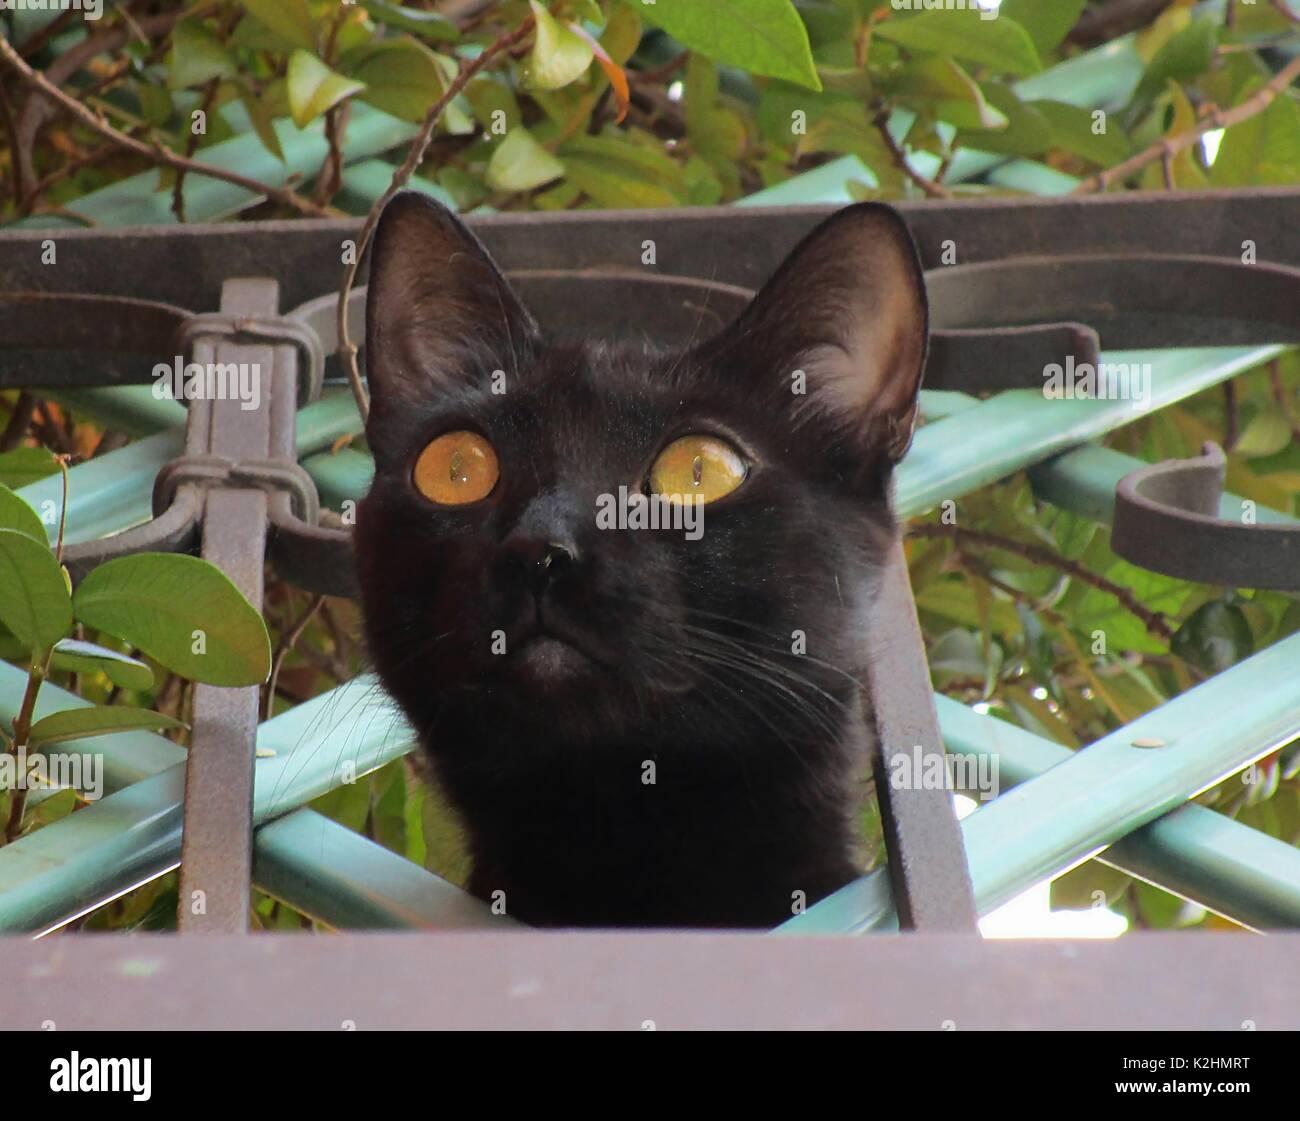 La curiosidad mató al gato Imagen De Stock